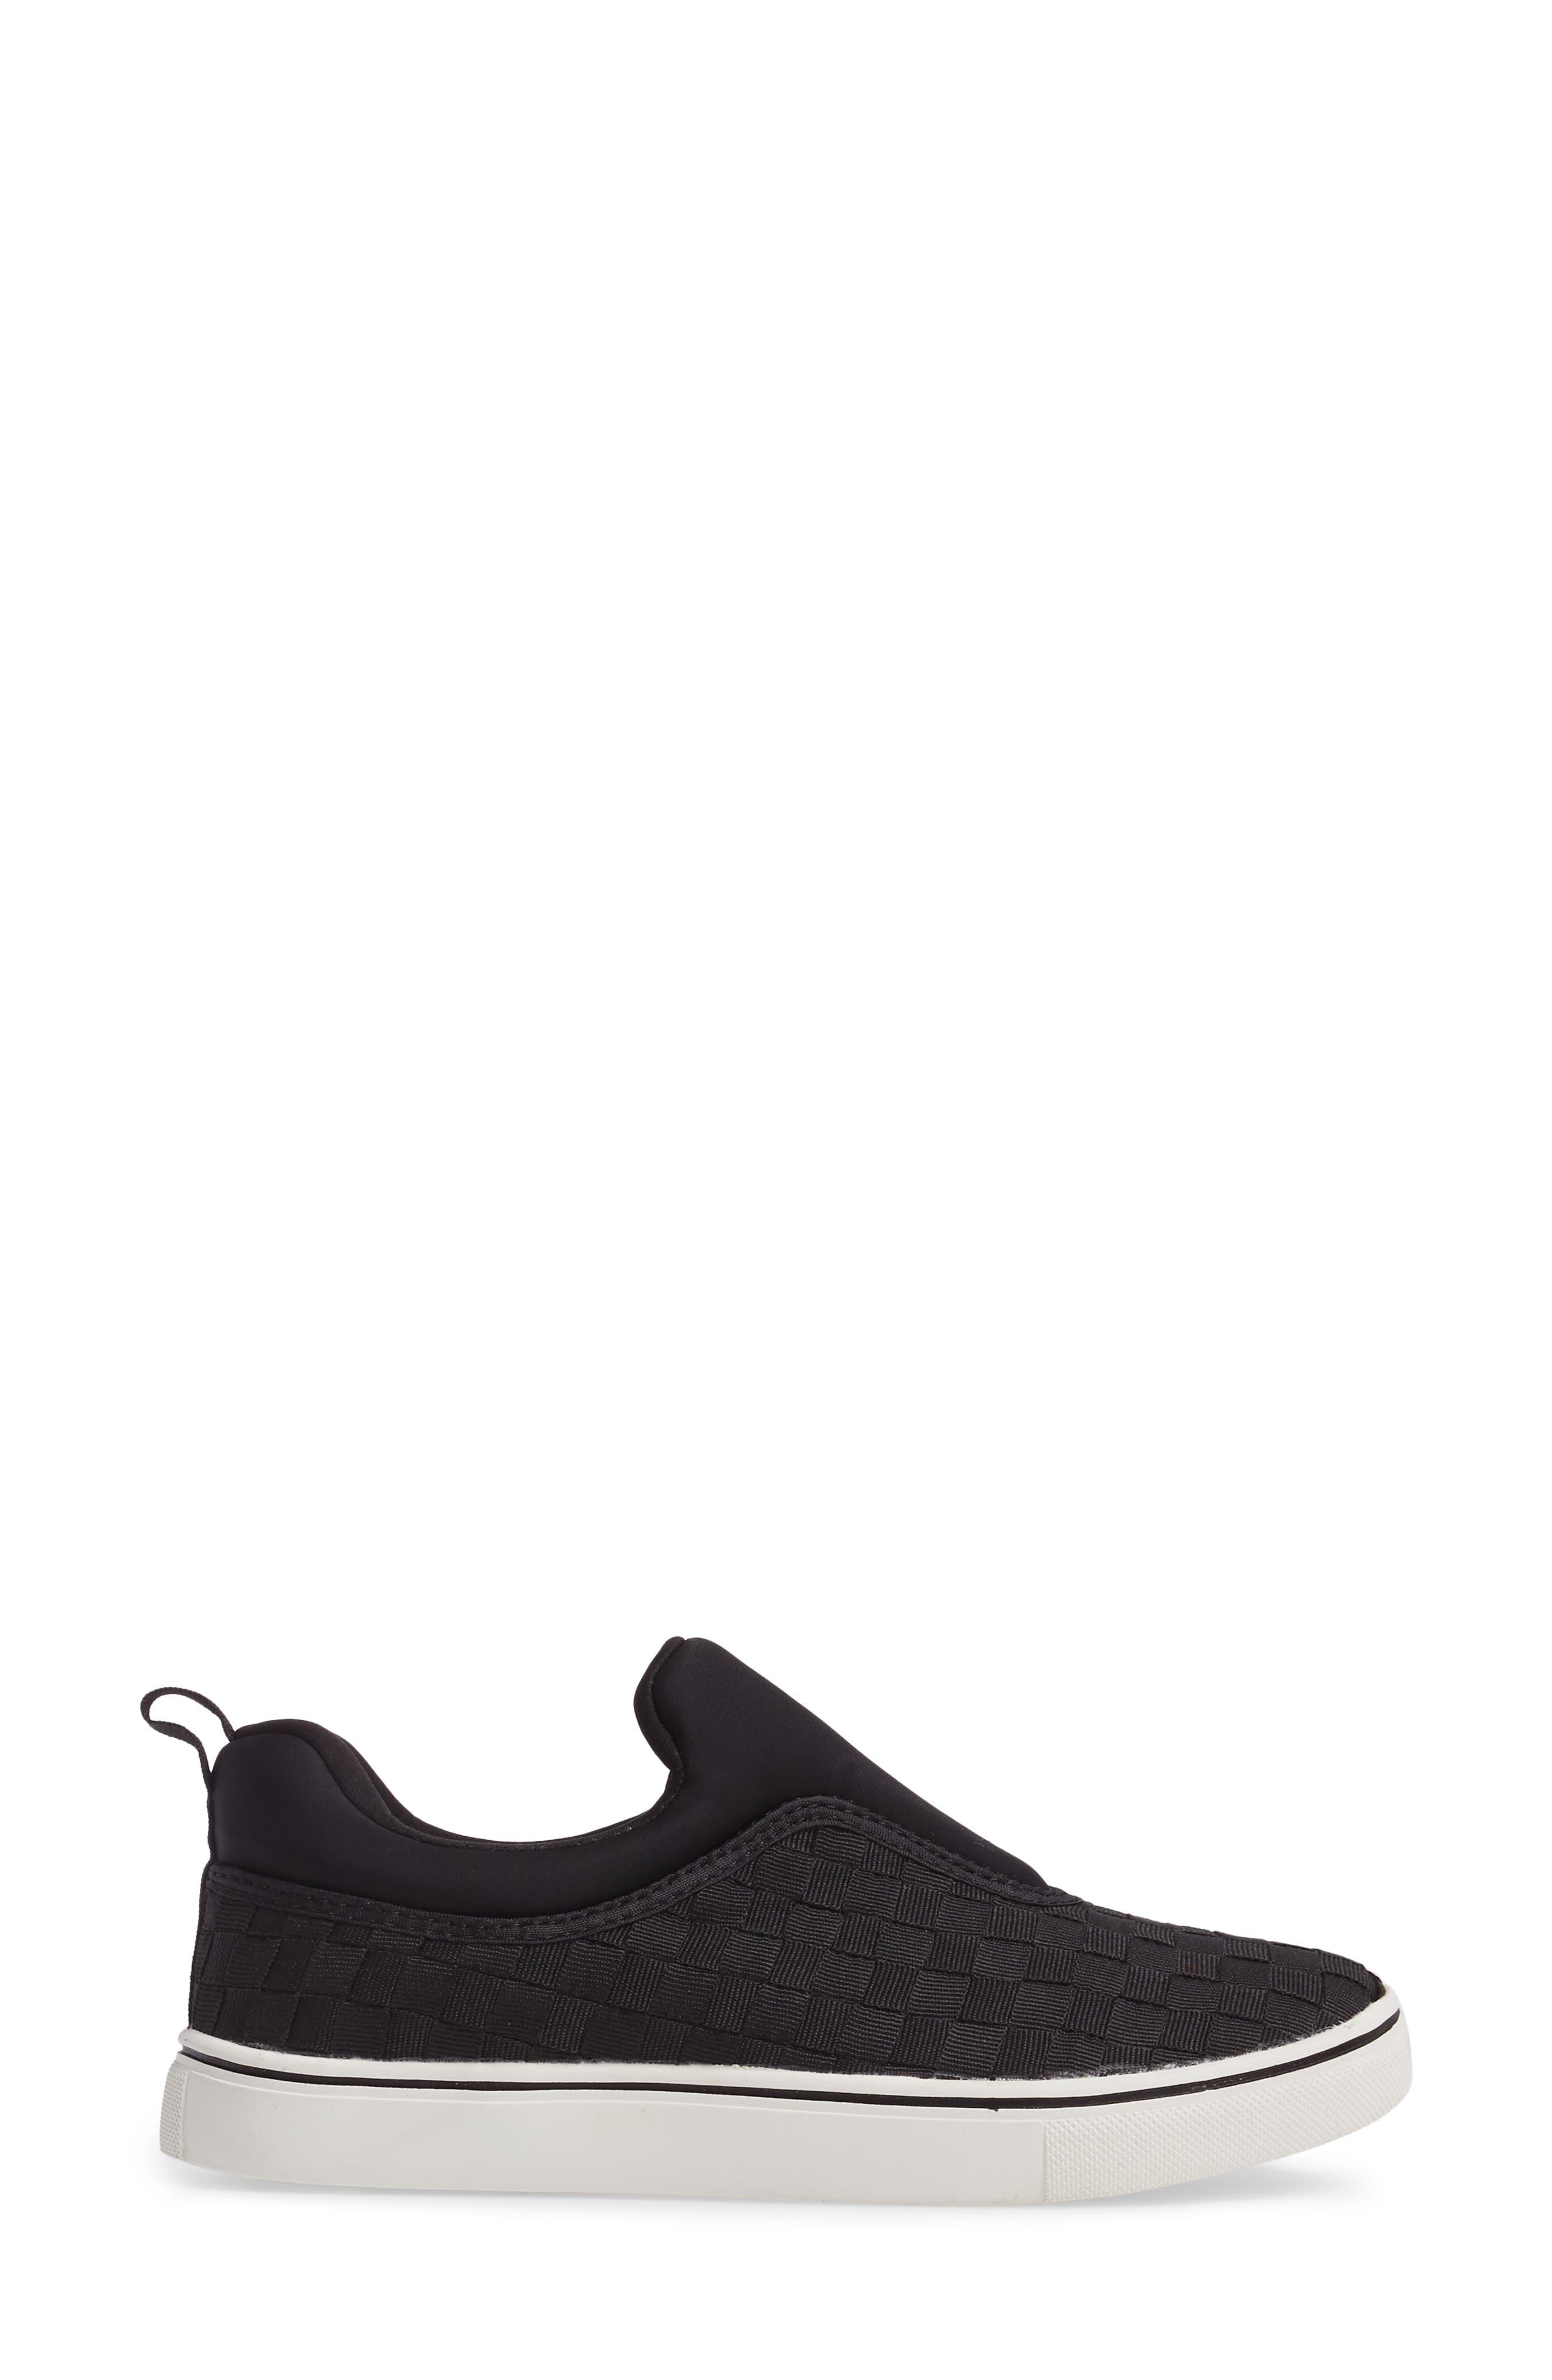 BERNIE MEV., Bernie Mev Joan Slip-On Sneaker, Alternate thumbnail 3, color, BLACK/ BLACK FABRIC